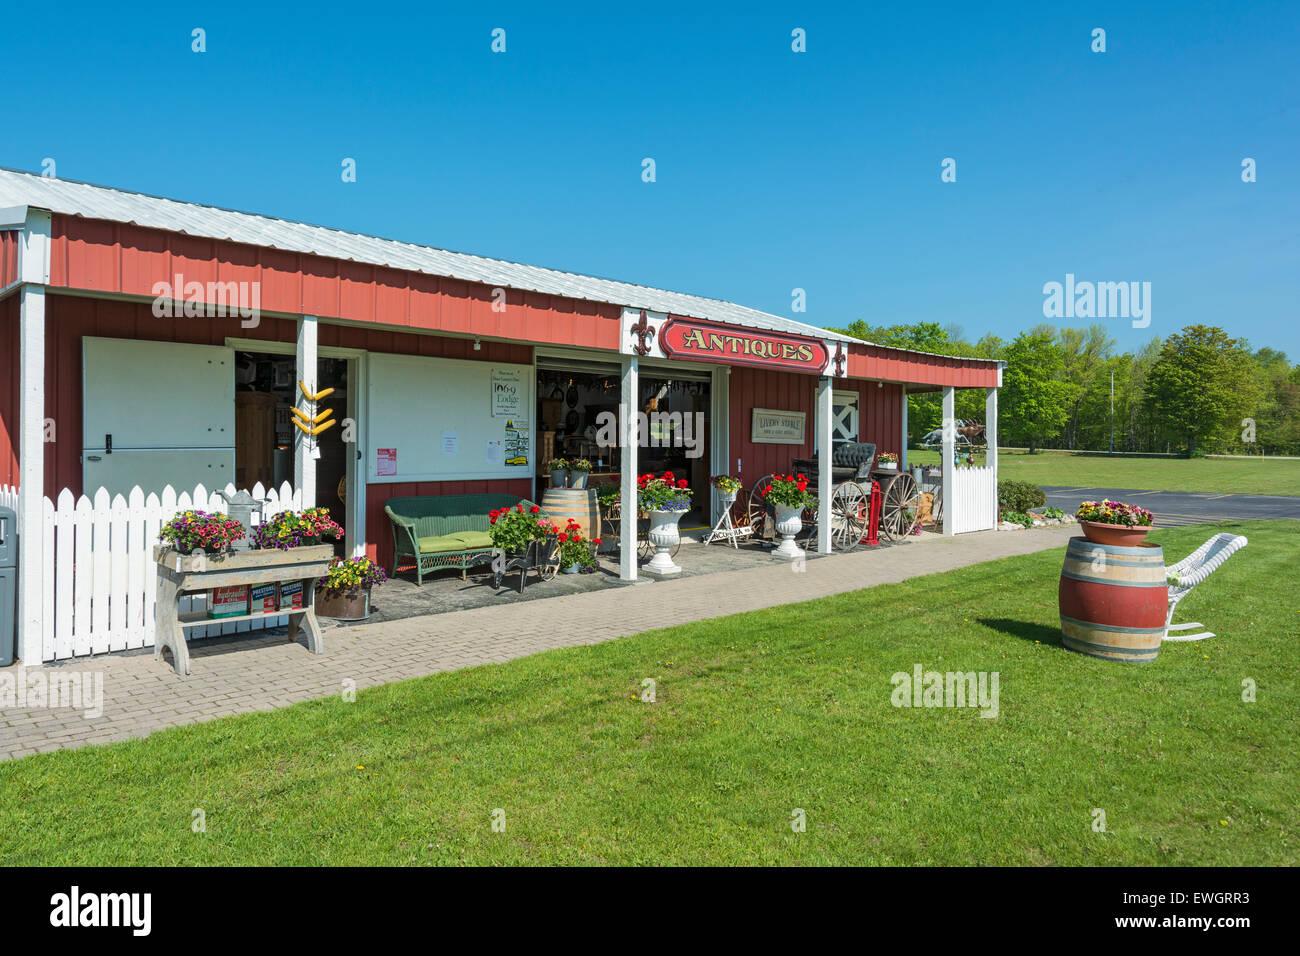 Wisconsin, Door County, Baileys Harbor, Koepsel's Farm Market & Antique  Store - Stock - Door County Stock Photos & Door County Stock Images - Alamy